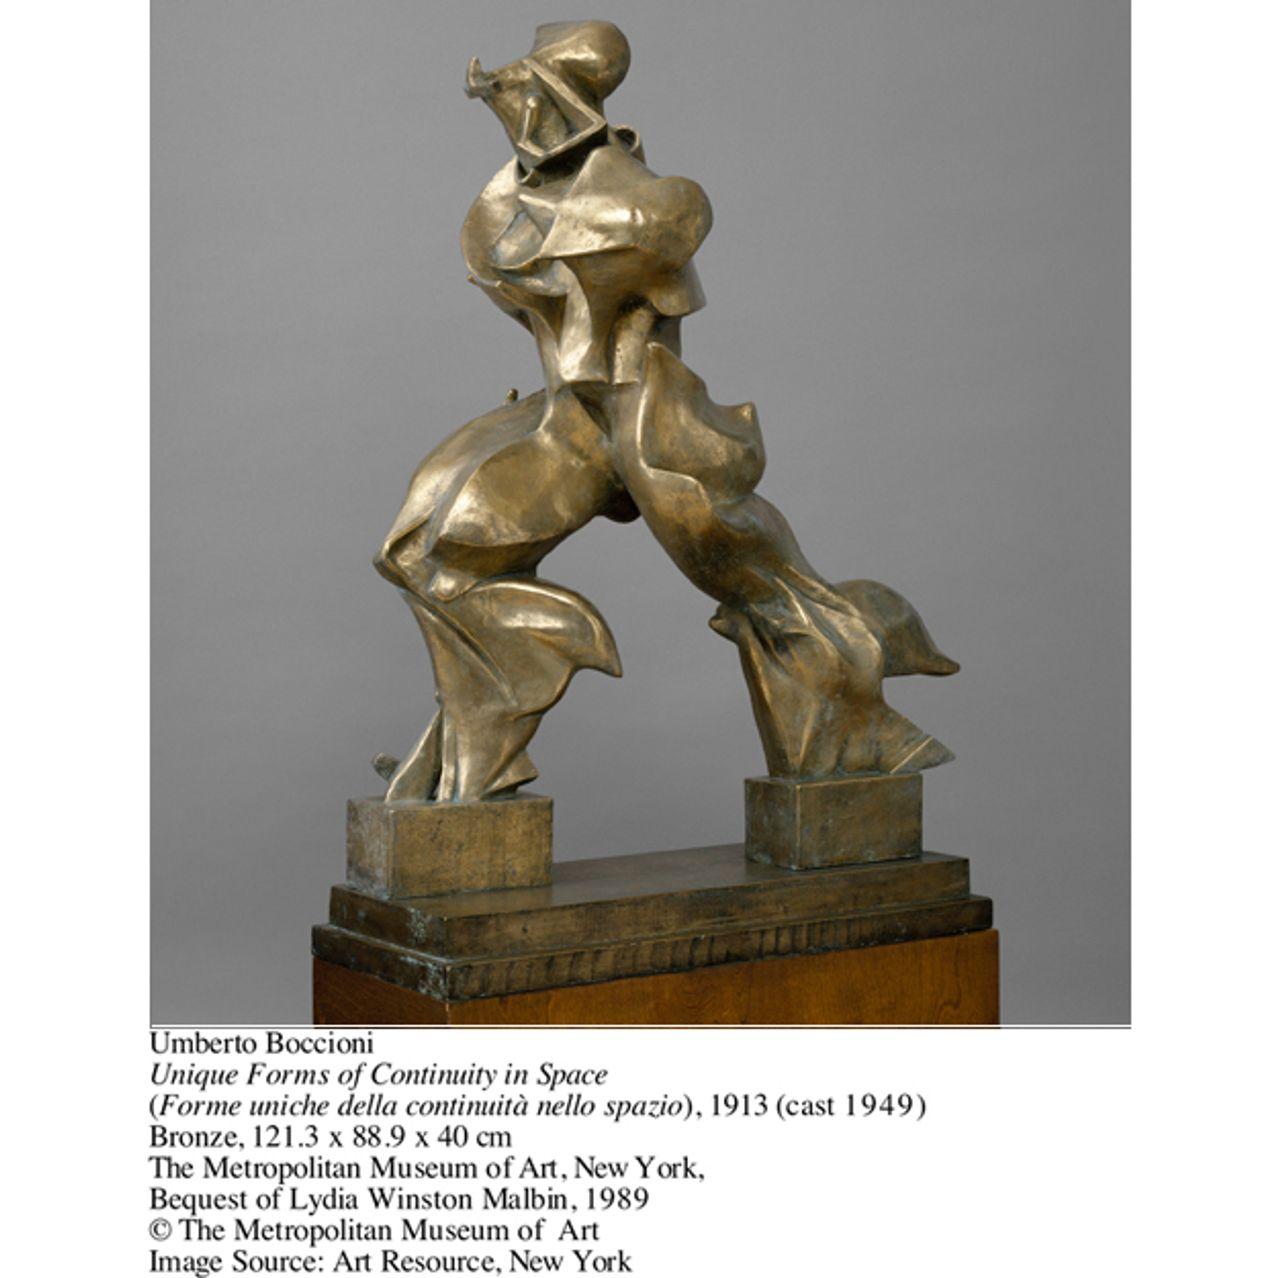 Umberto Boccioni, Unique Forms of Continuity in Space (Forme uniche della continuità nello spazio)